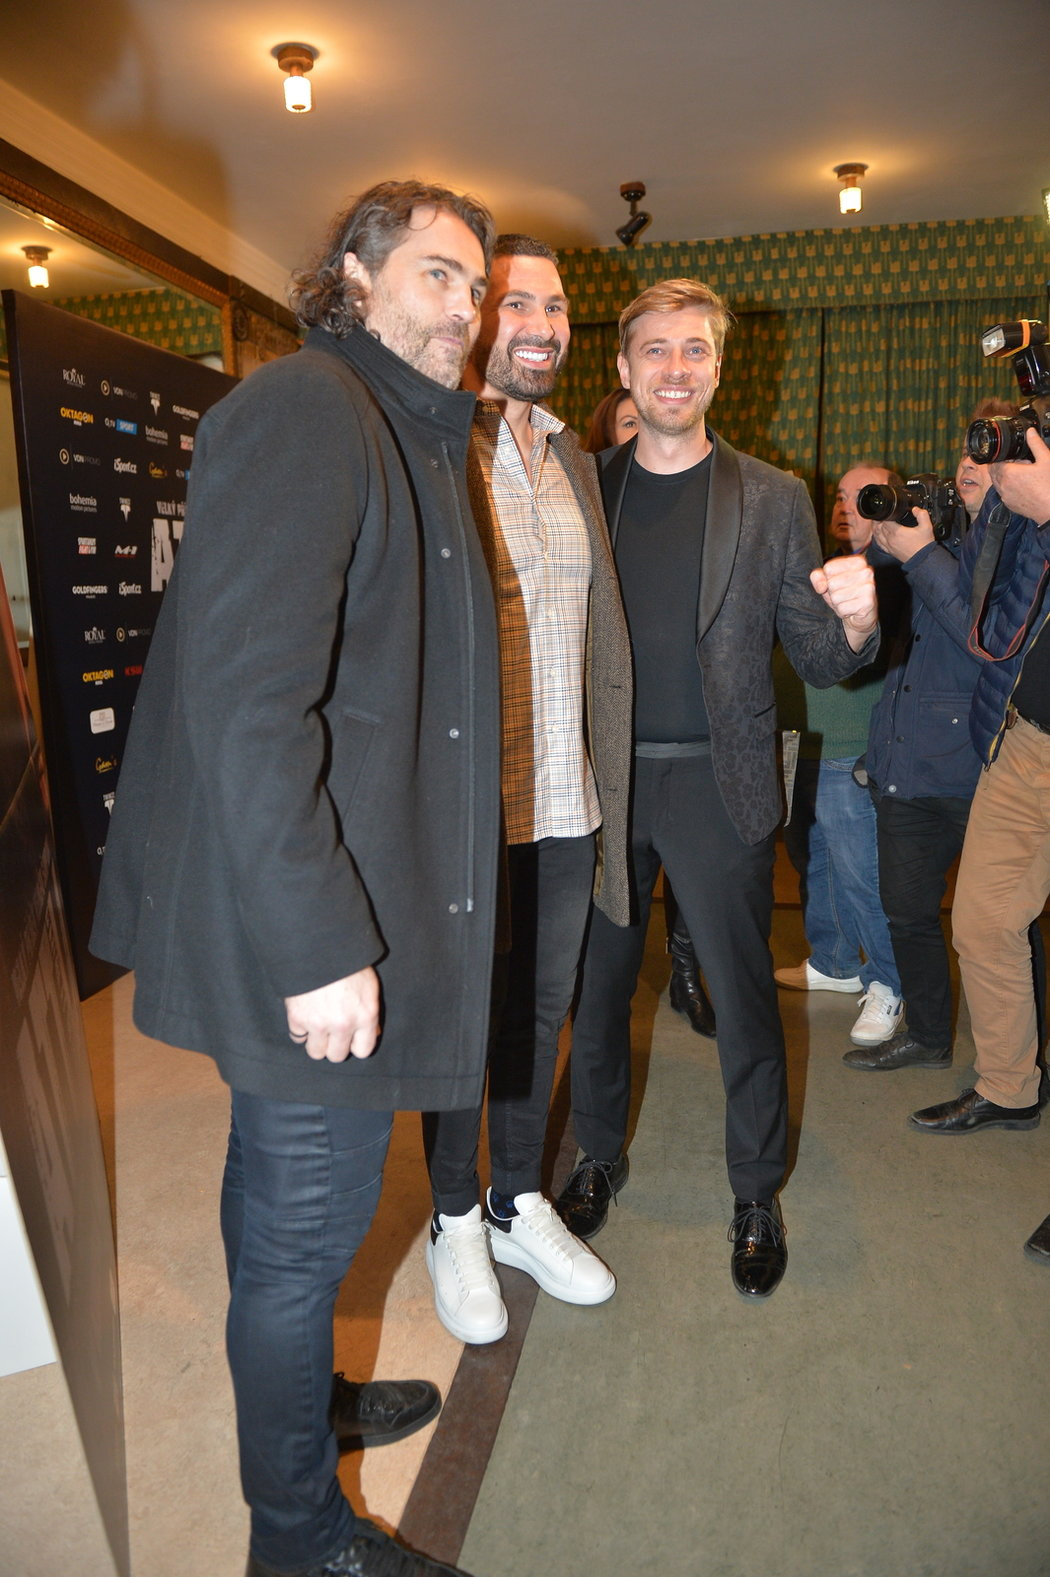 Zápasník MMA Attila Végh s Jaromírem Jágrem a promotérem Petrem Větrovským na premiéře filmu Attila v Lucerně